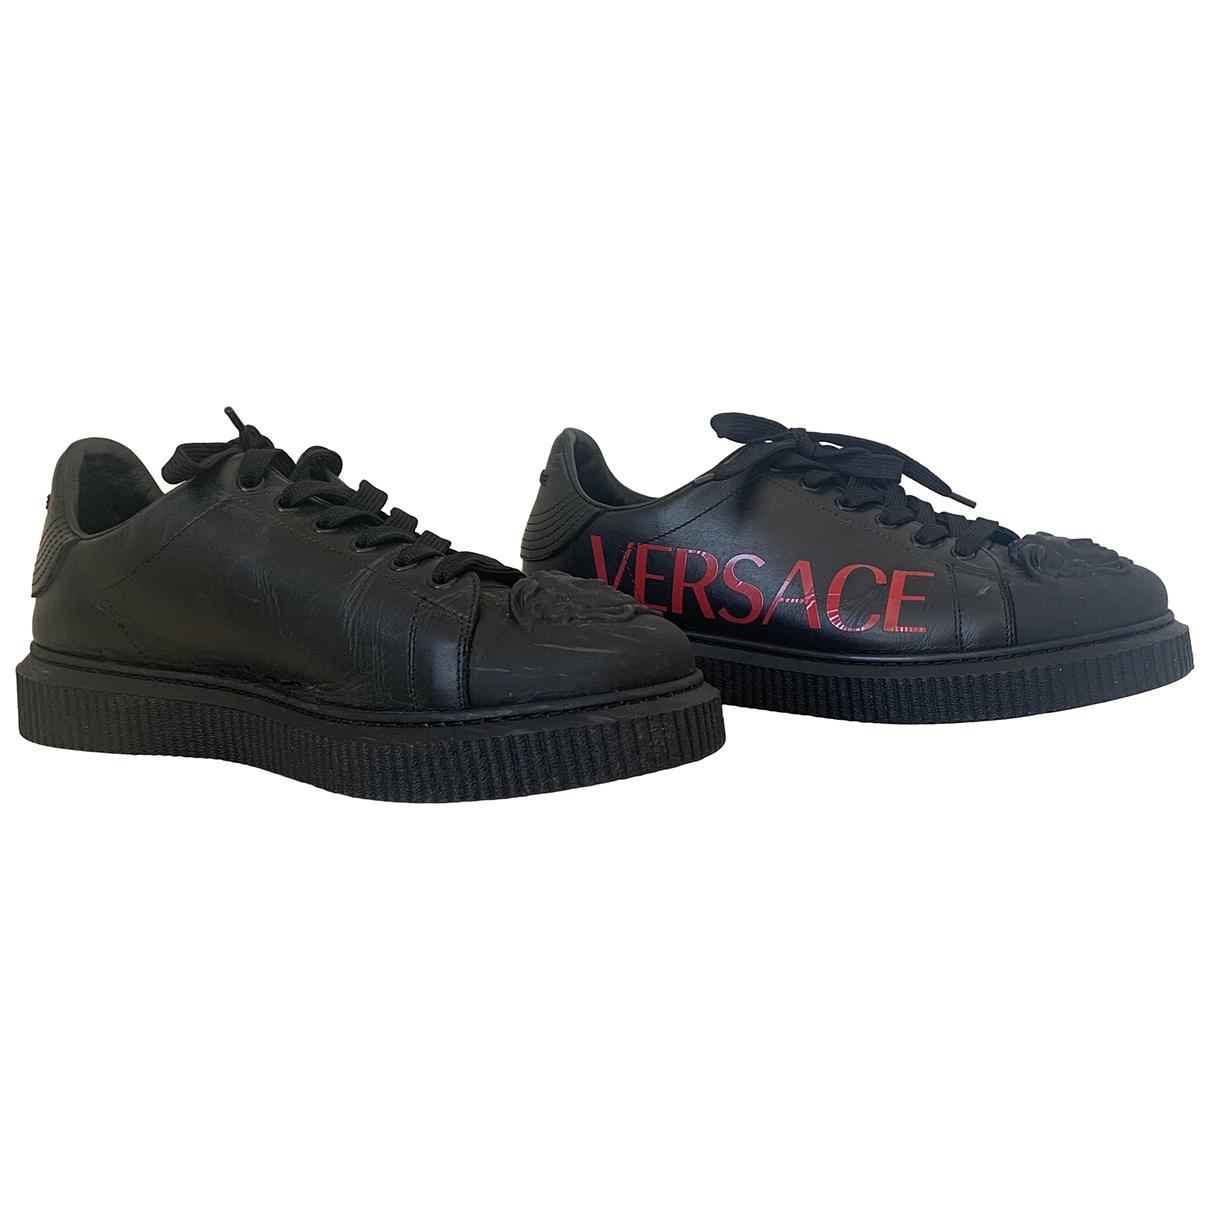 Versace - Baskets   pour homme en cuir - noir